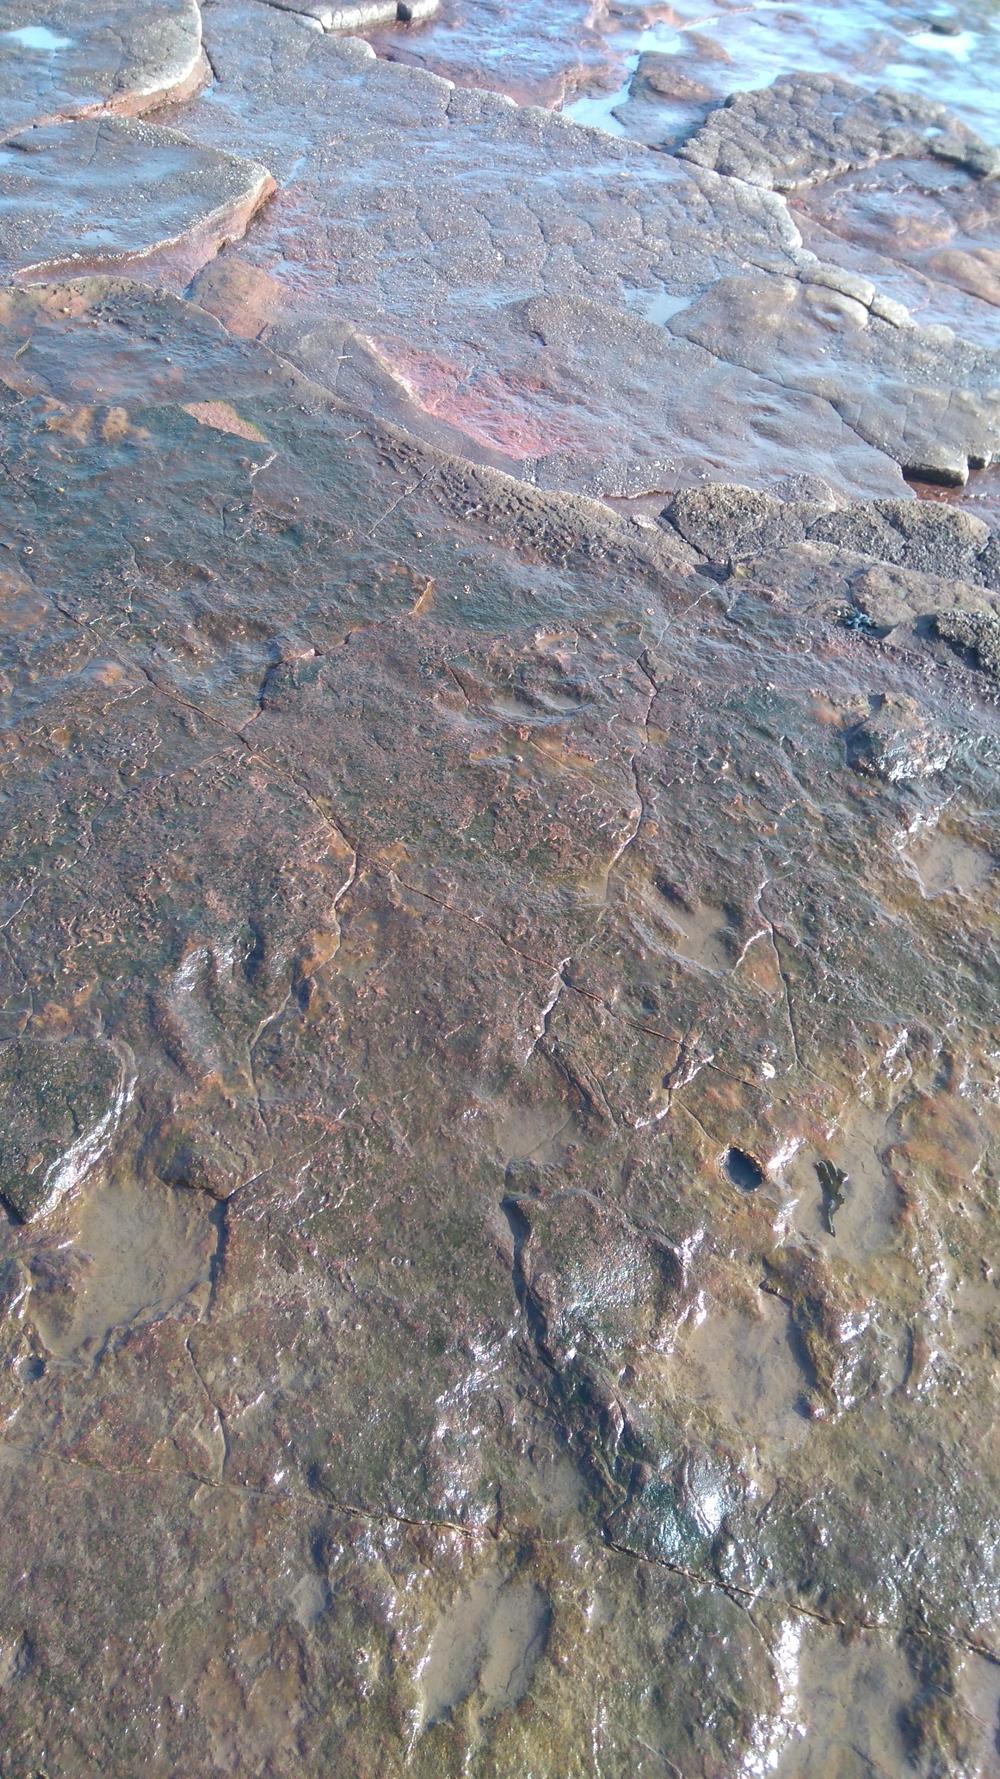 Dinosaur footprints on the Vale of Glamorgan Coast